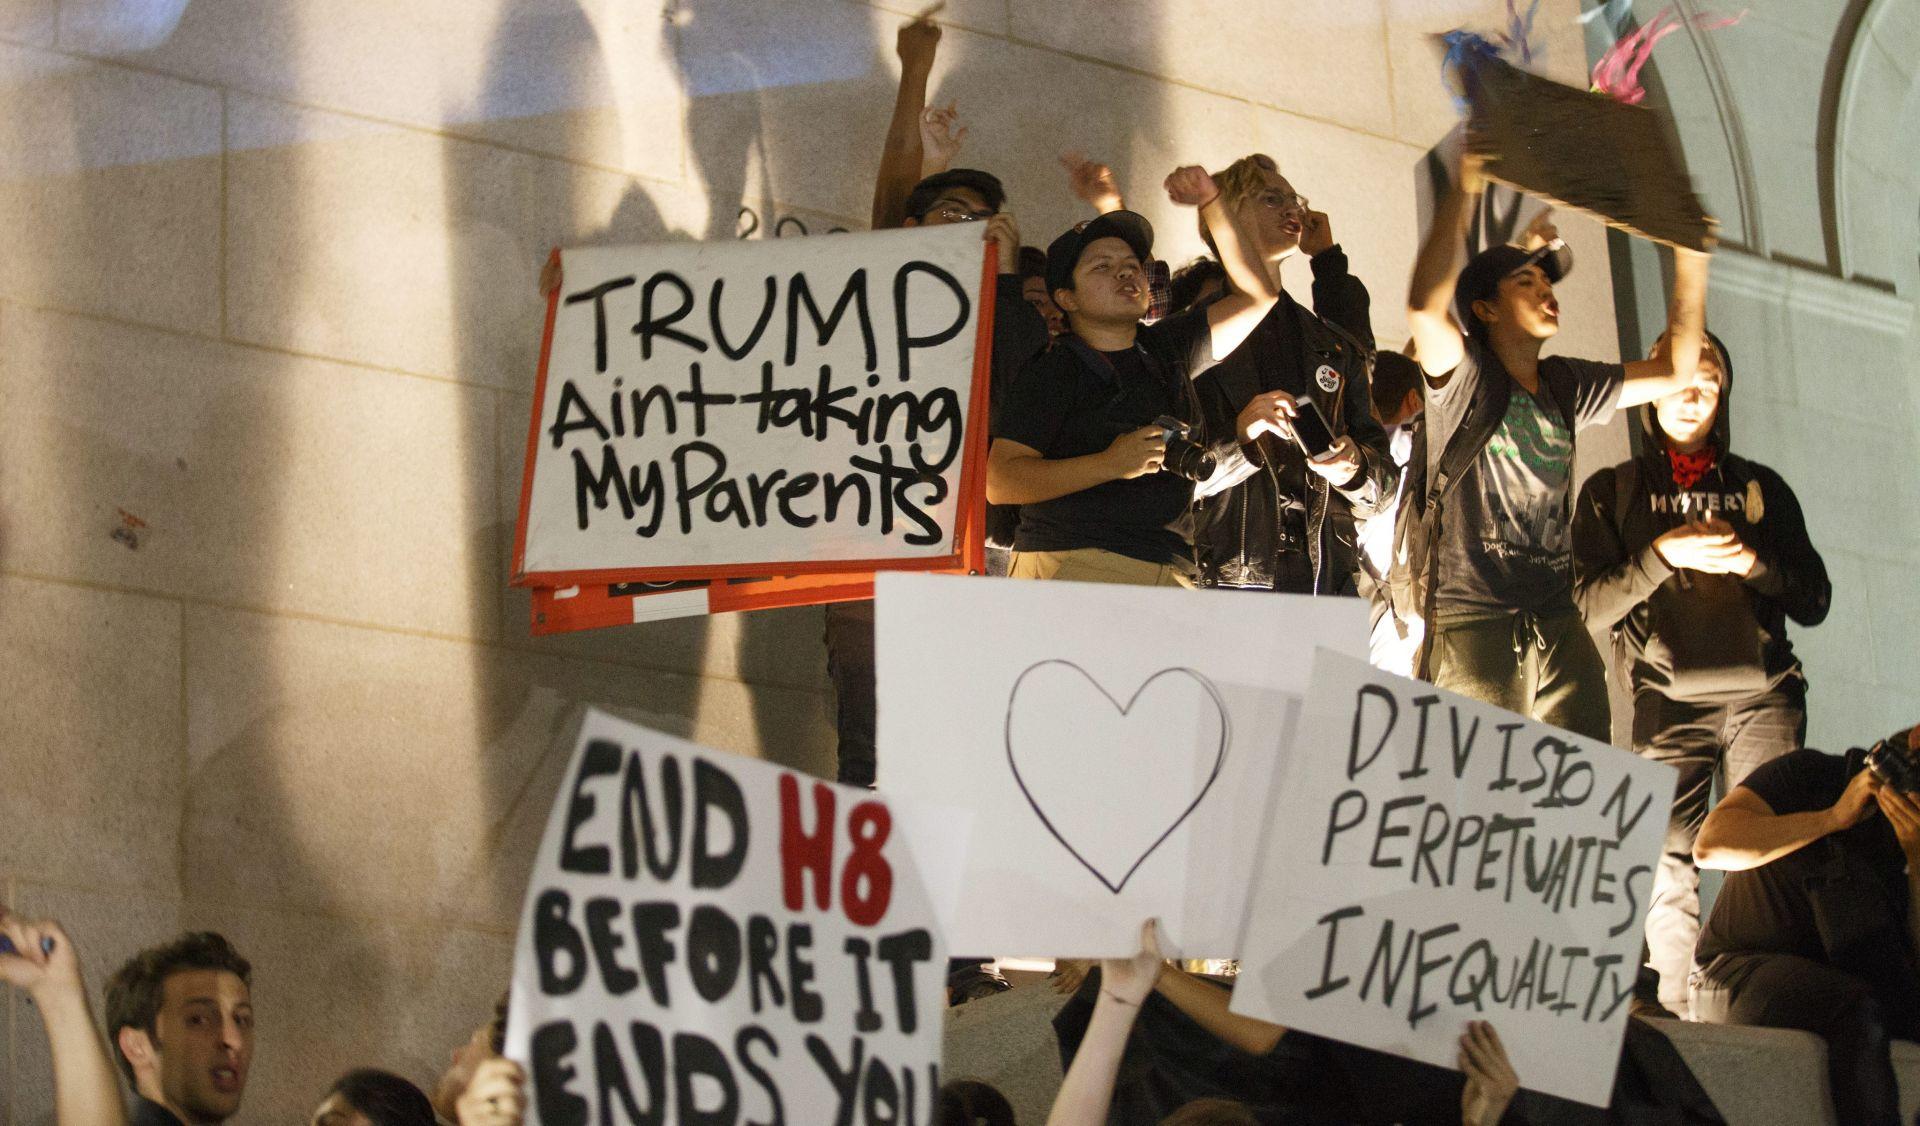 NOVI PROSVJEDI: Stotine protiv Trumpa u gradovima SAD-a